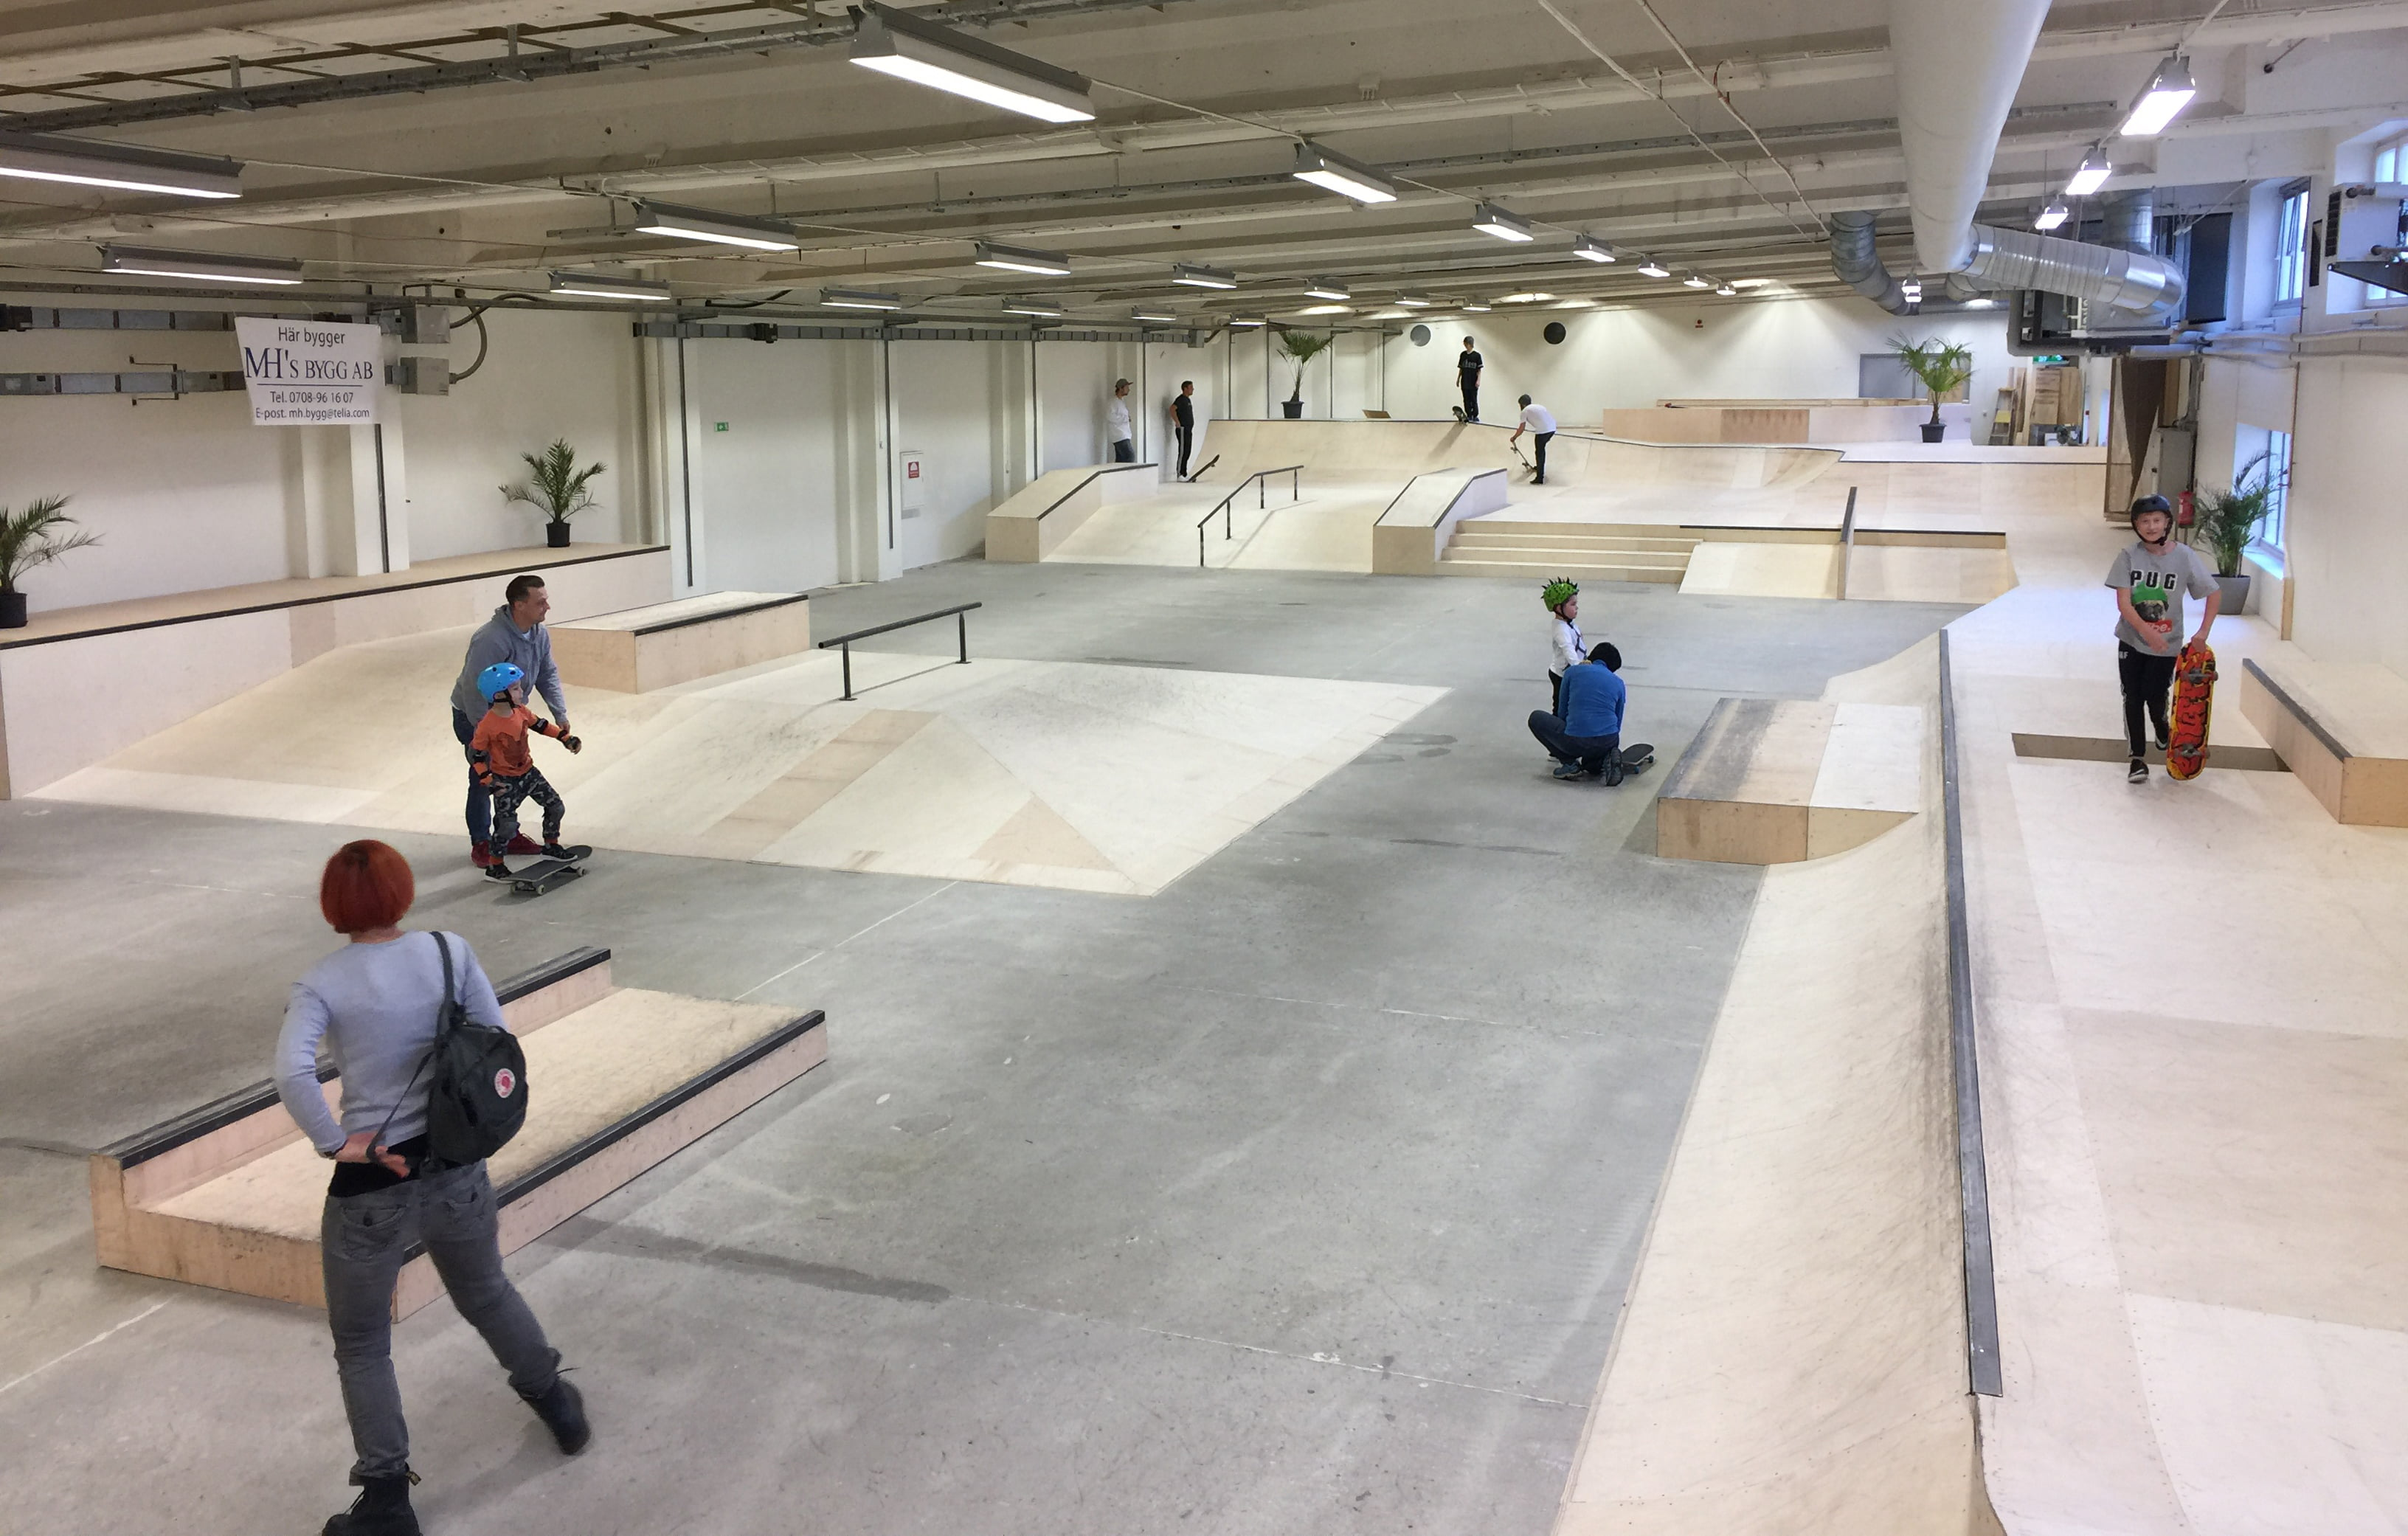 Halda skatehall